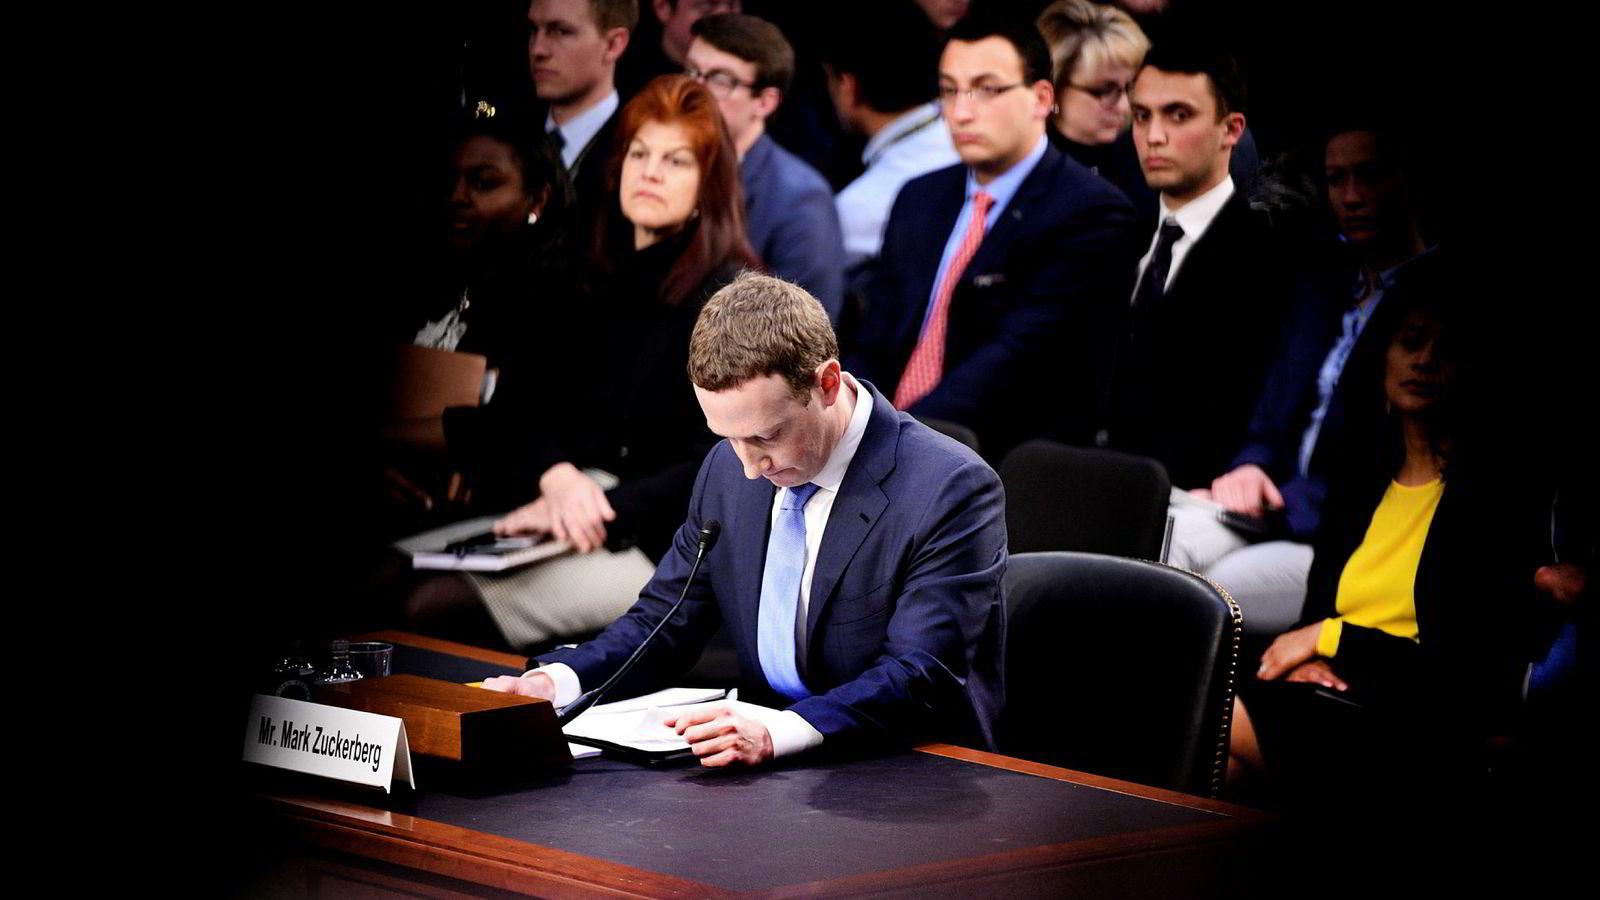 Selv om Facebook-sjef Mark Zuckerberg ble grillet i Senatet, vil amerikanske myndigheter sannsynligvis godta hans løfter om bot og bedring og la industrien fortsette å regulere seg selv.